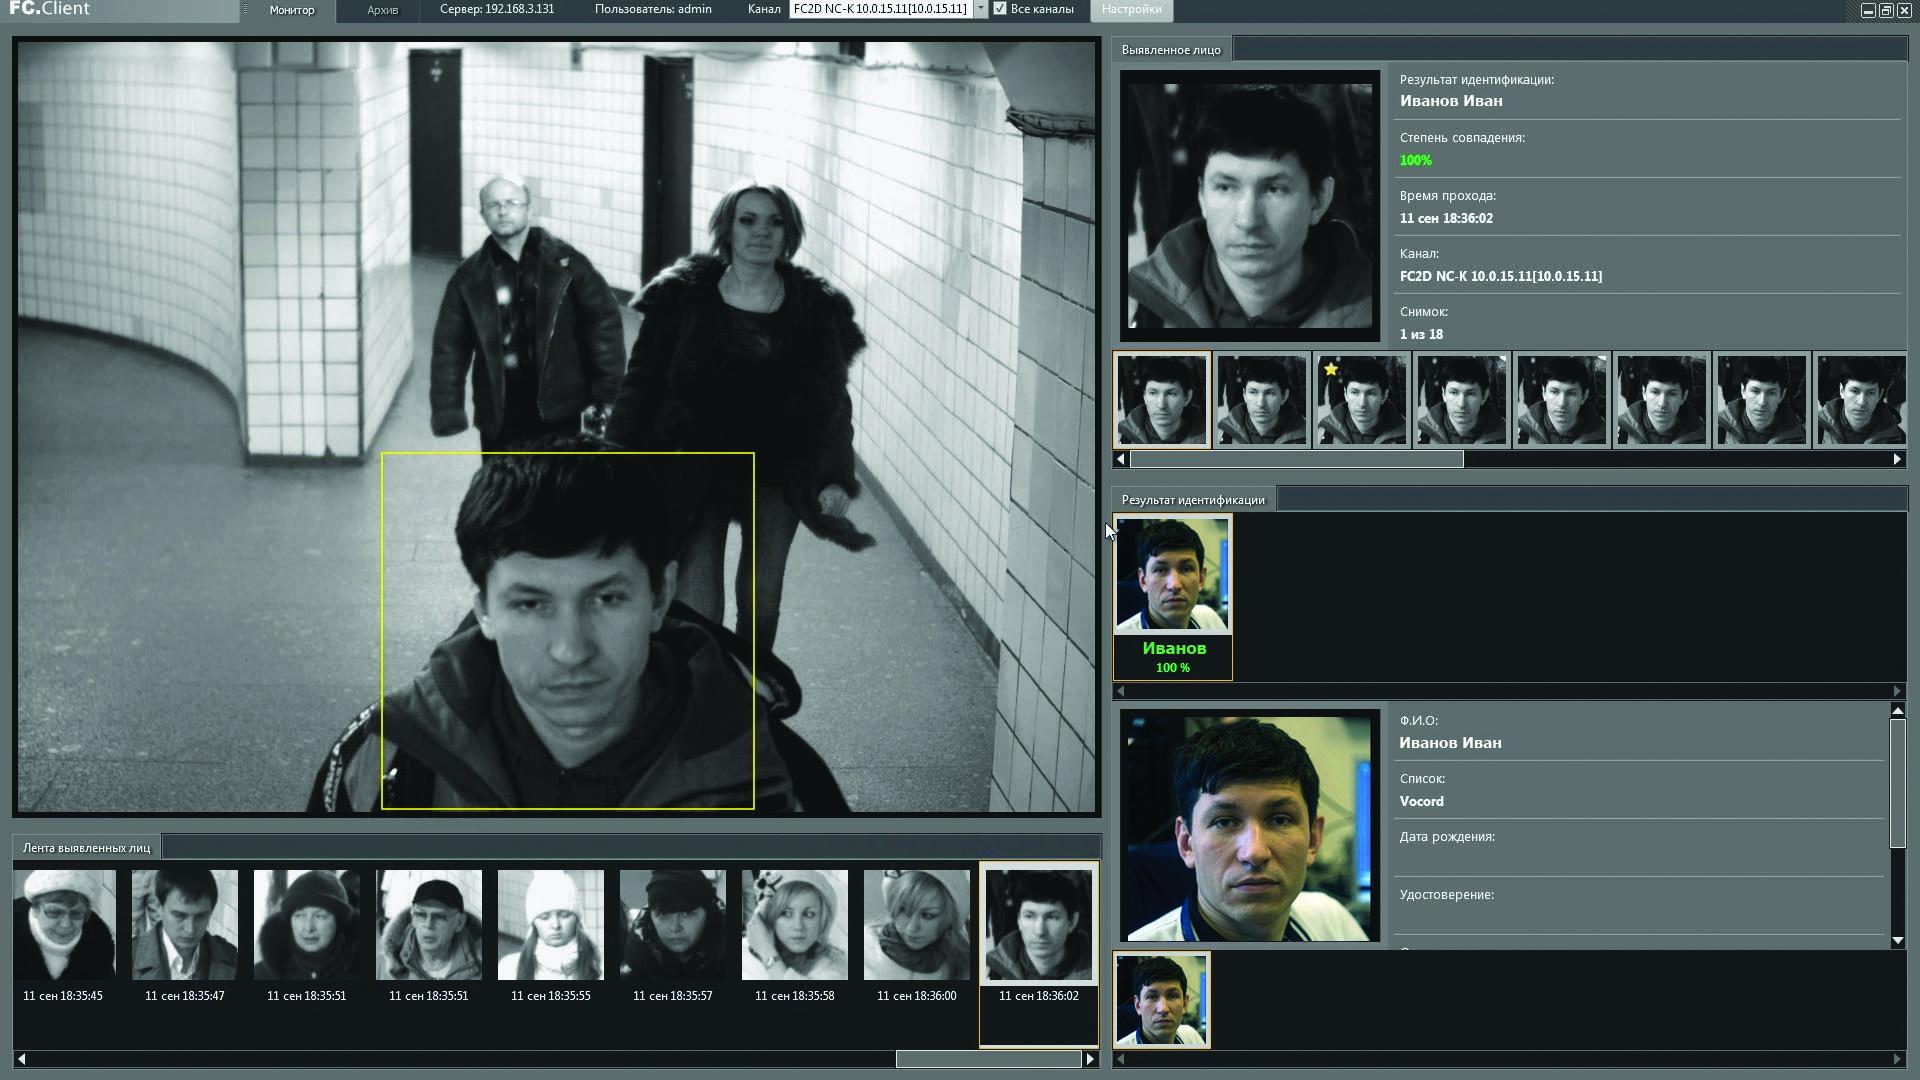 Настанциях вметро столицы Украины появятся камеры для распознавания лиц